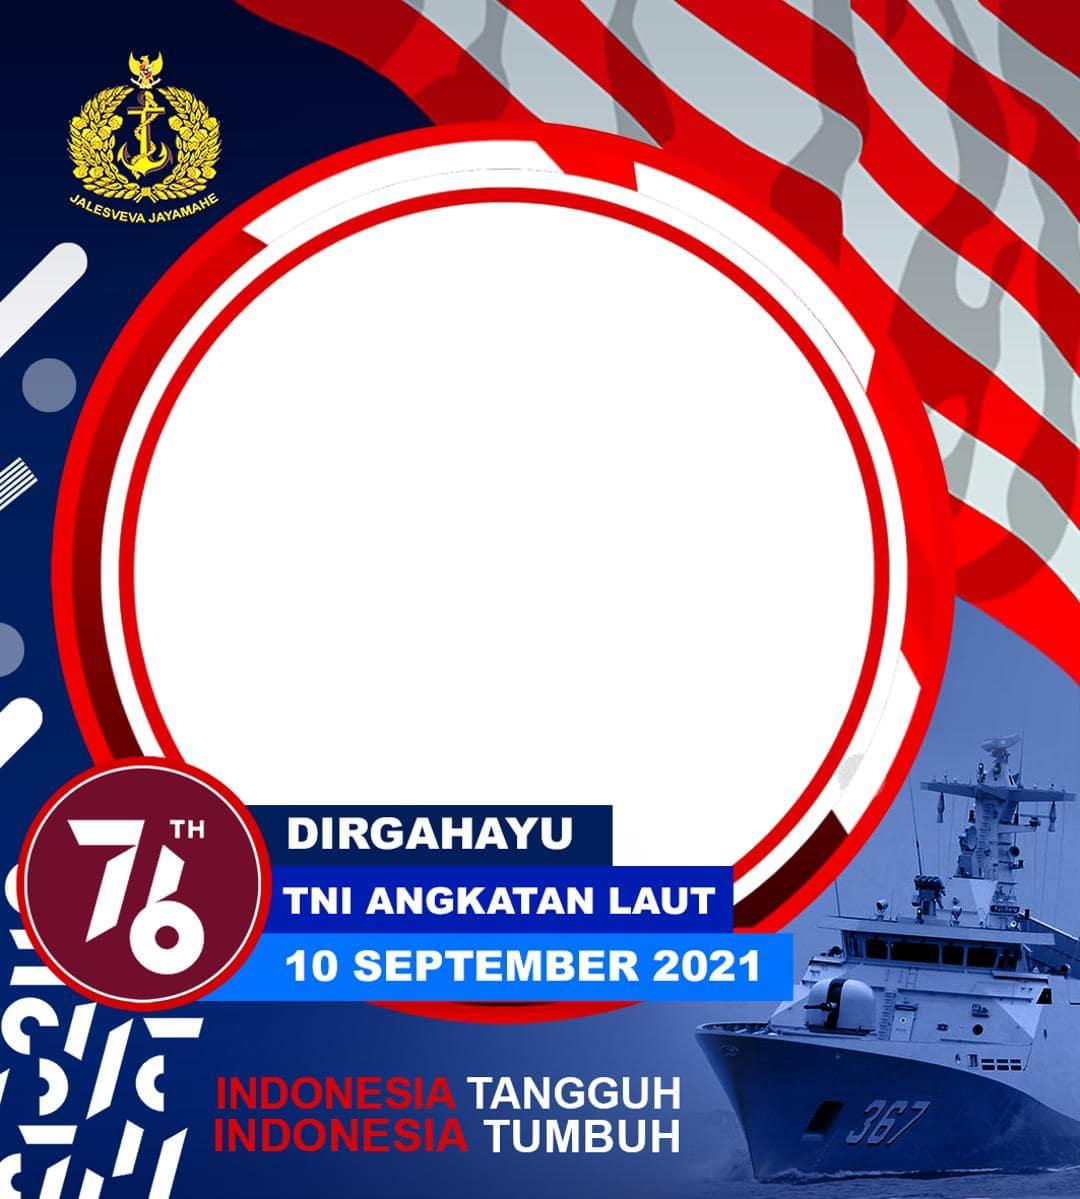 Link Bingkai Foto Twibbon Dirgahayu TNI AL 2021 - Hari Jadi ke-76 Tentara Nasional Indonesia Angkatan Laut